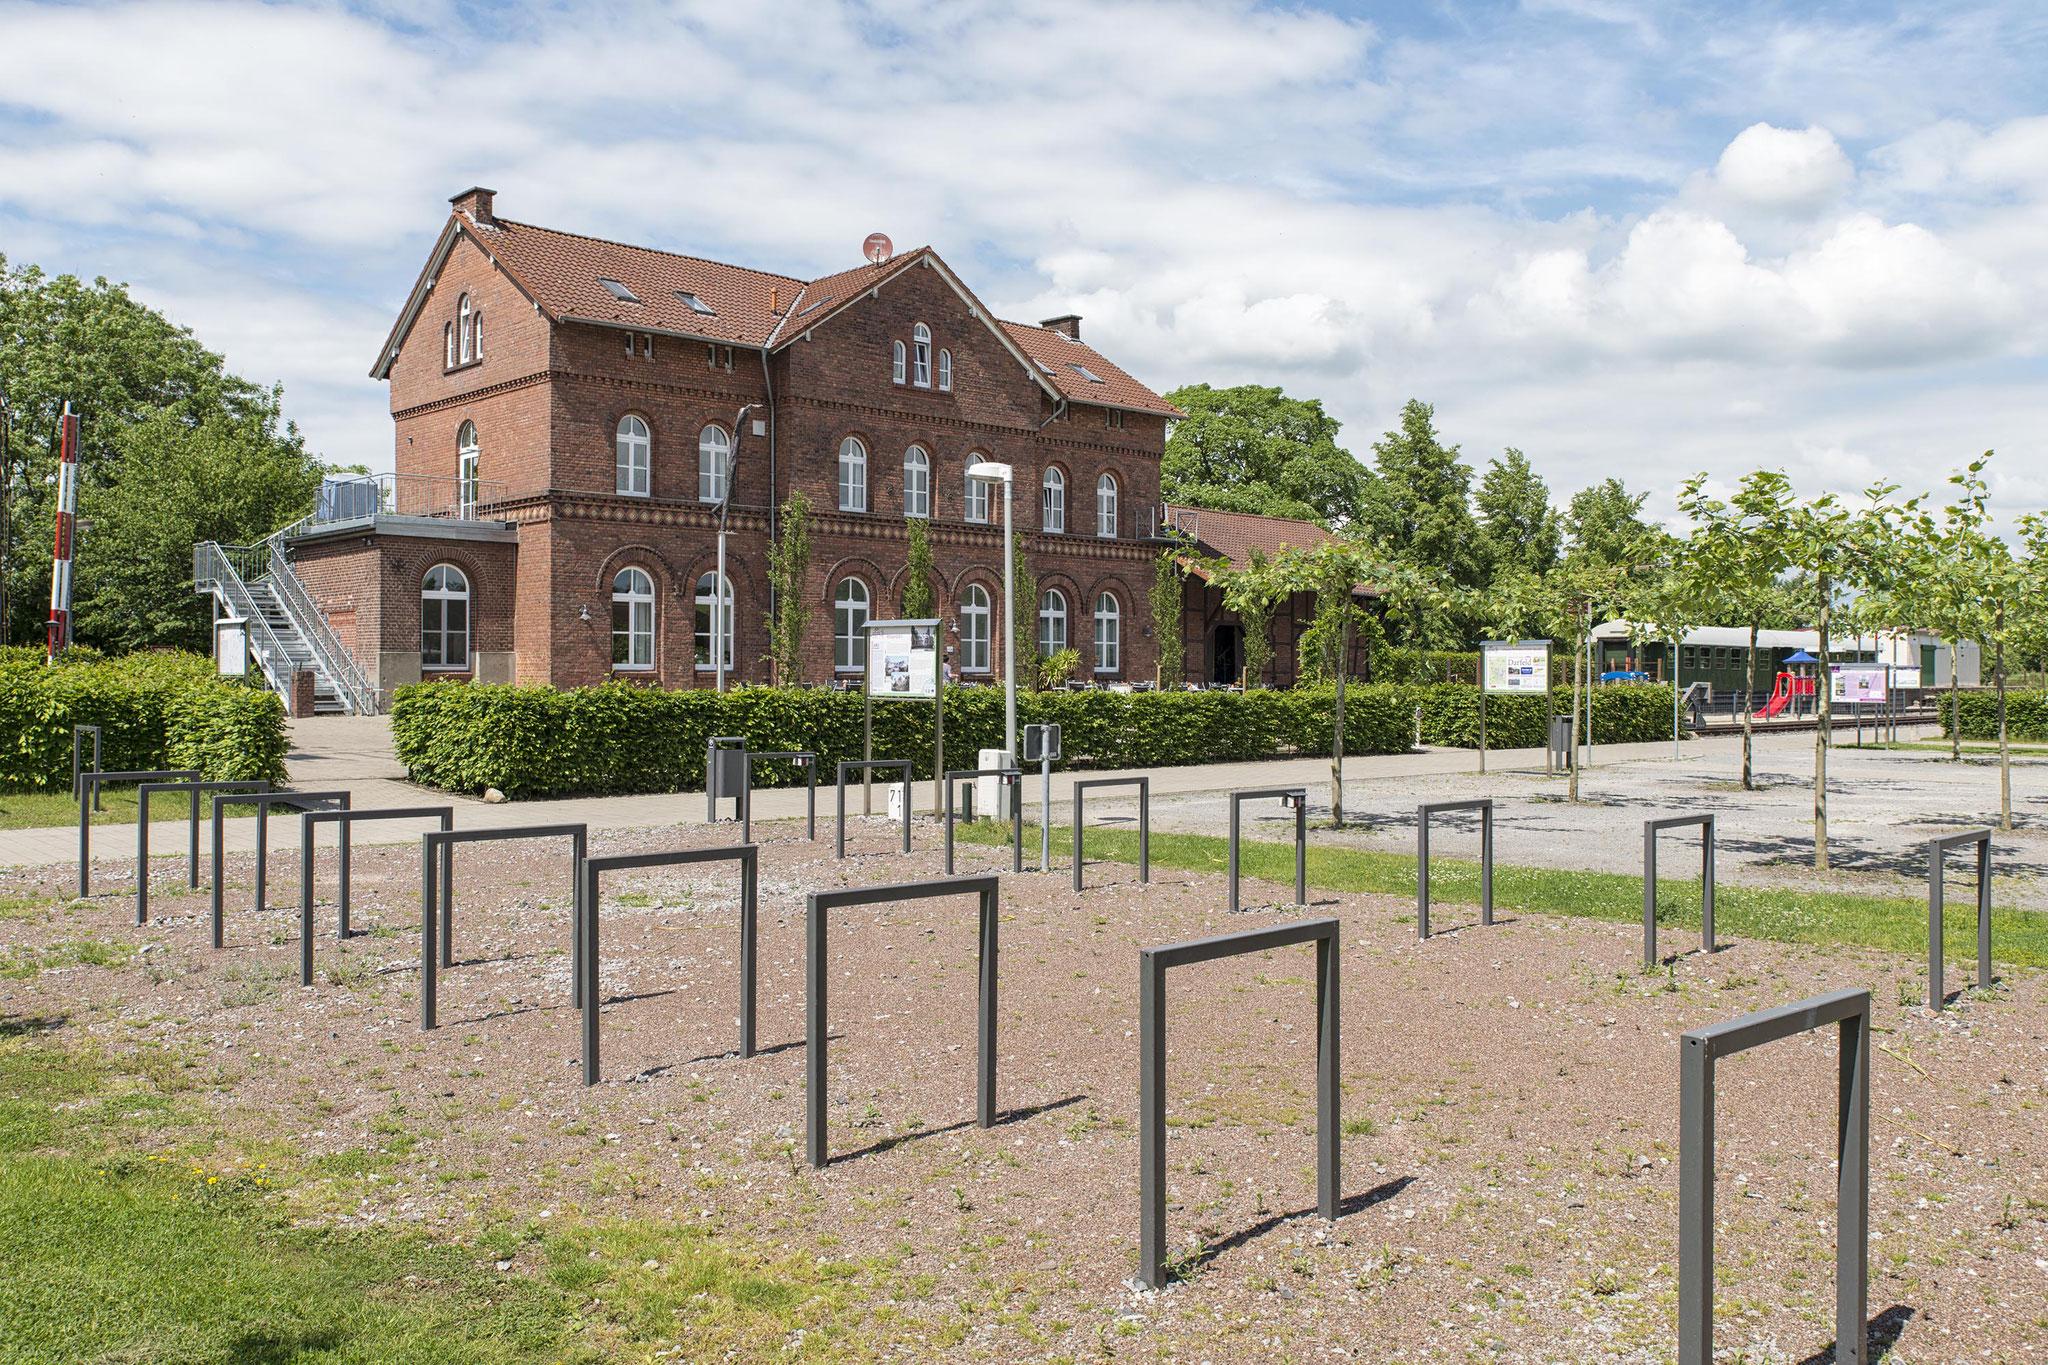 Rosendahl-Darfeld, ehem. Empfangsgebäude am Alleenradweg